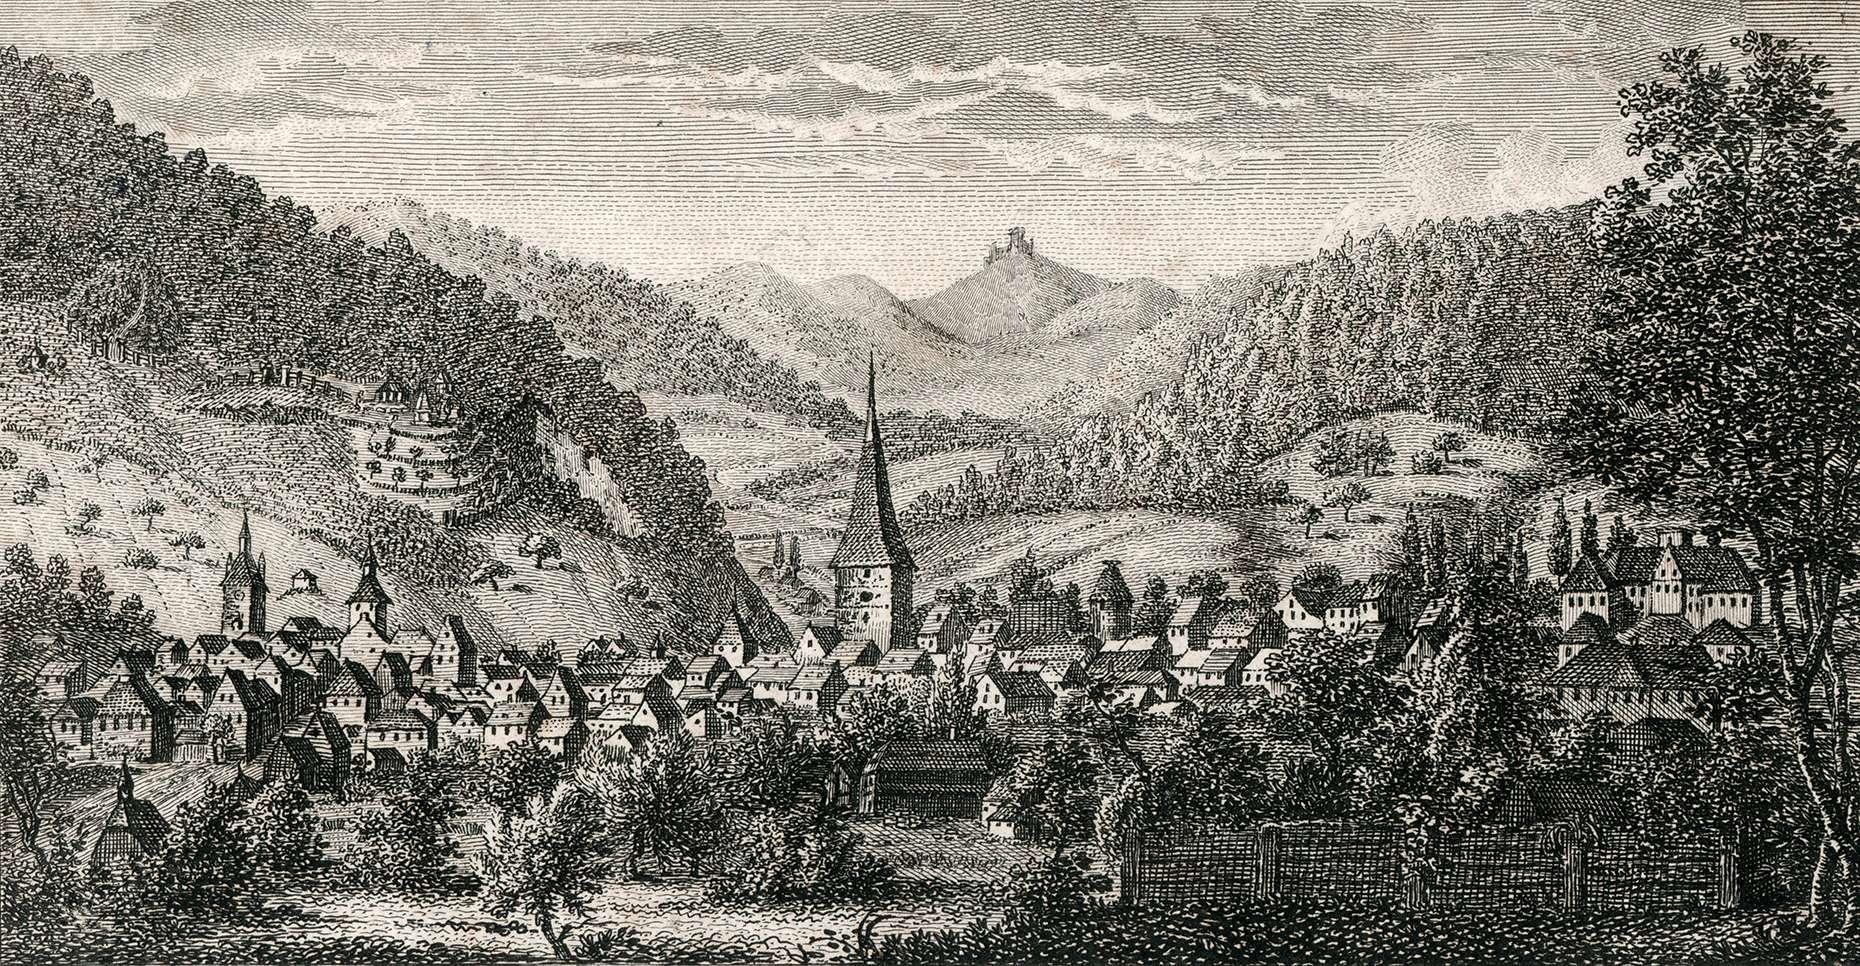 Ansicht der Stadt Lahr gegen dem Schutterthal, Bild 1